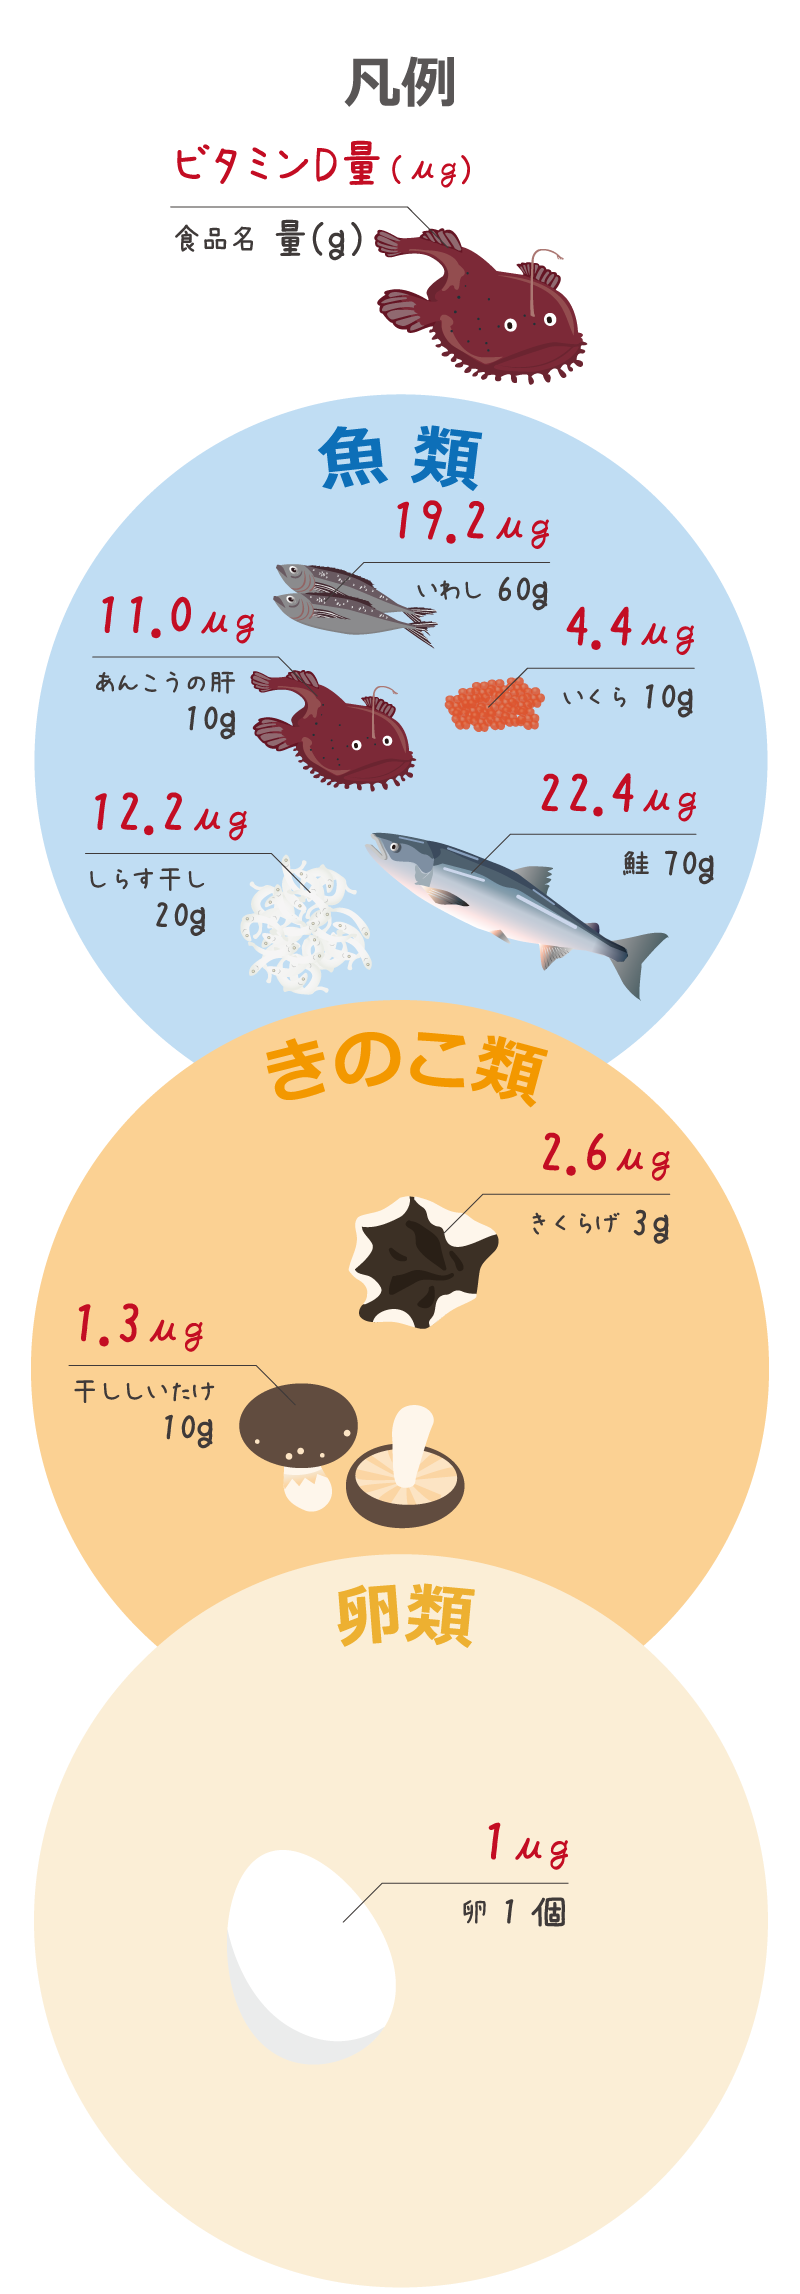 ビタミンDを多く含む食品(常用量)